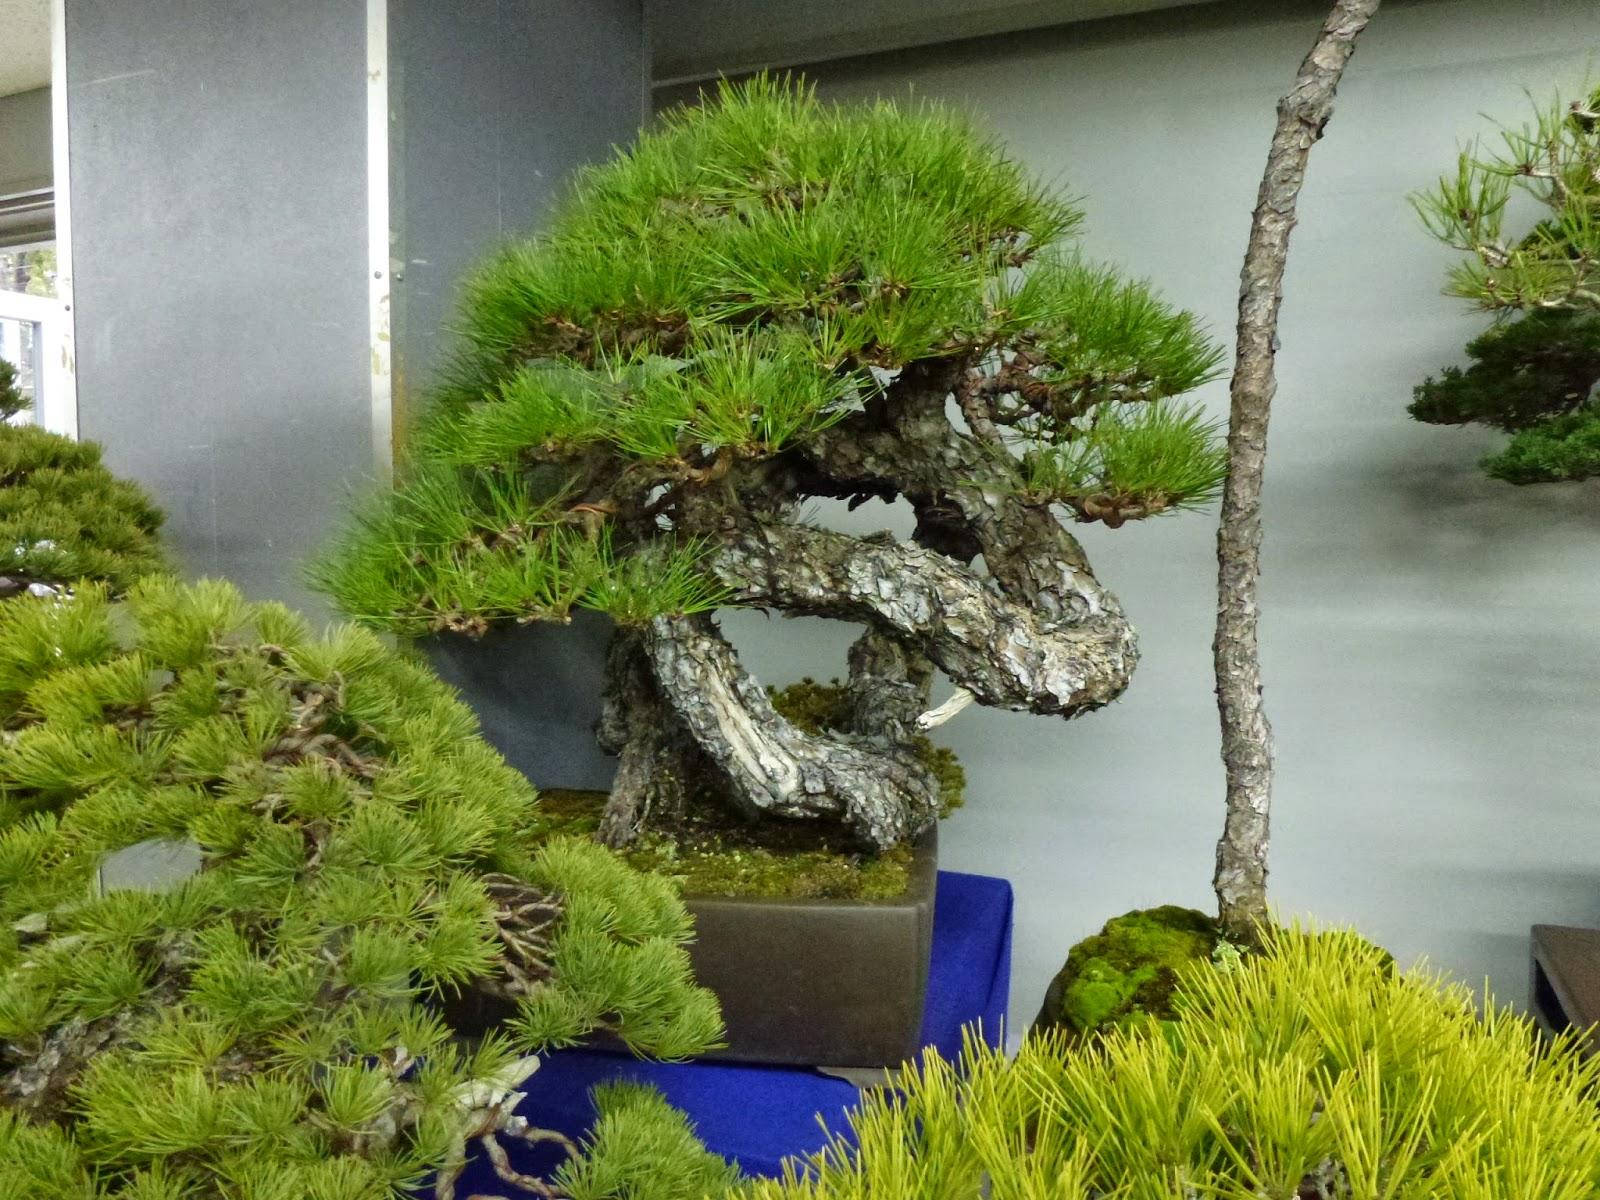 El tim bonsai 20 04 14 27 04 14 for Estanterias para bonsais